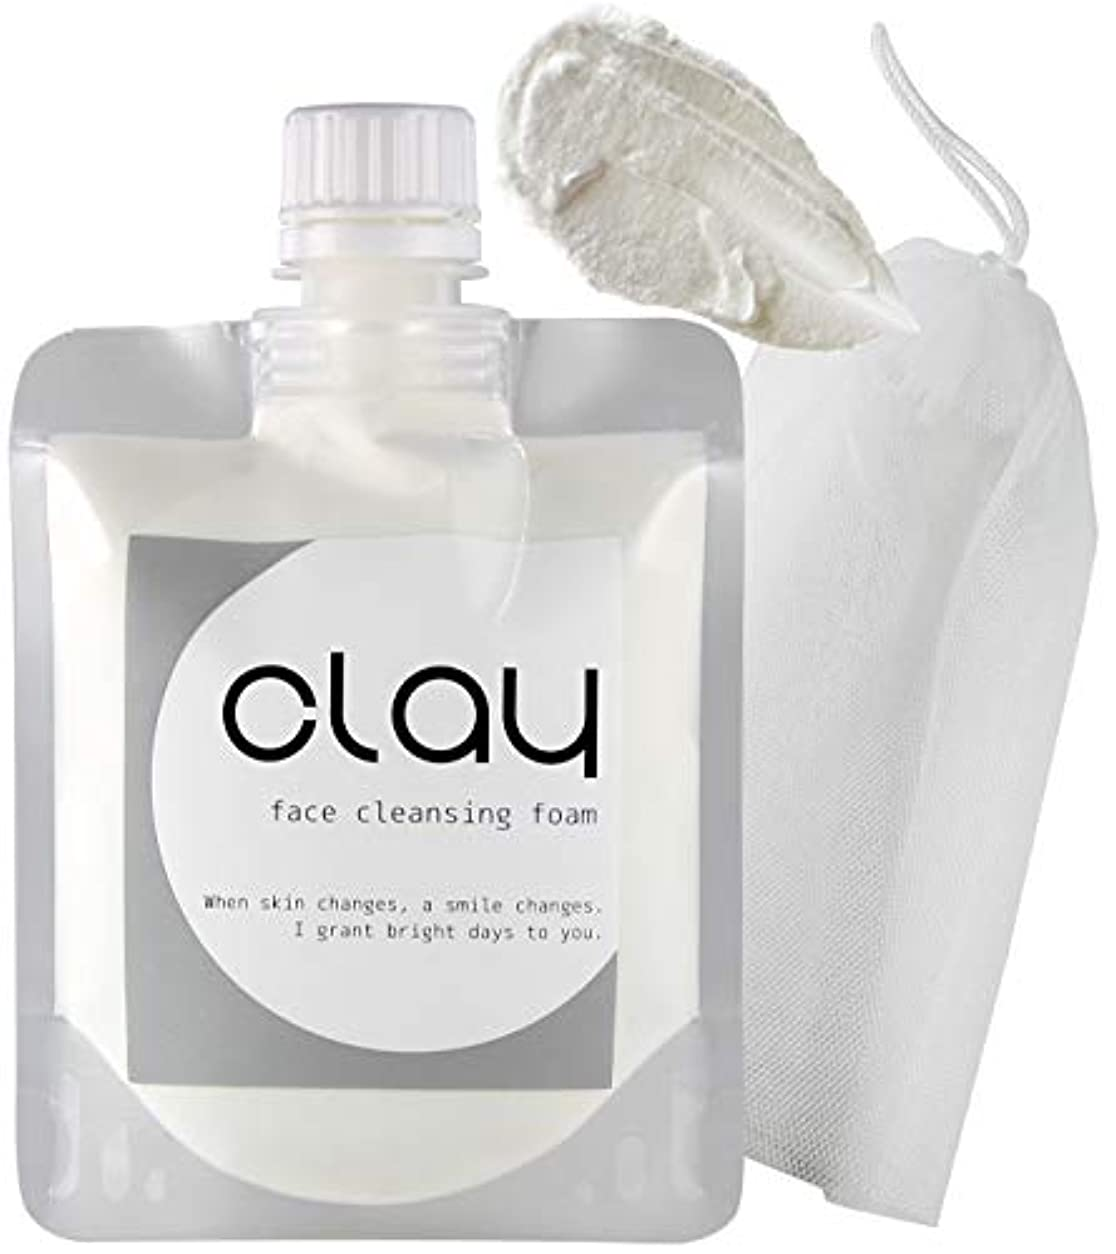 おもちゃまさに早いSTAR'S クレイ 泥 洗顔 オーガニック 【 毛穴 黒ずみ 開き ザラ付き 用】「 泡 ネット 付き」 40種類の植物エキス 16種類の美容成分 9つの無添加 透明感 柔肌 130g (Clay)